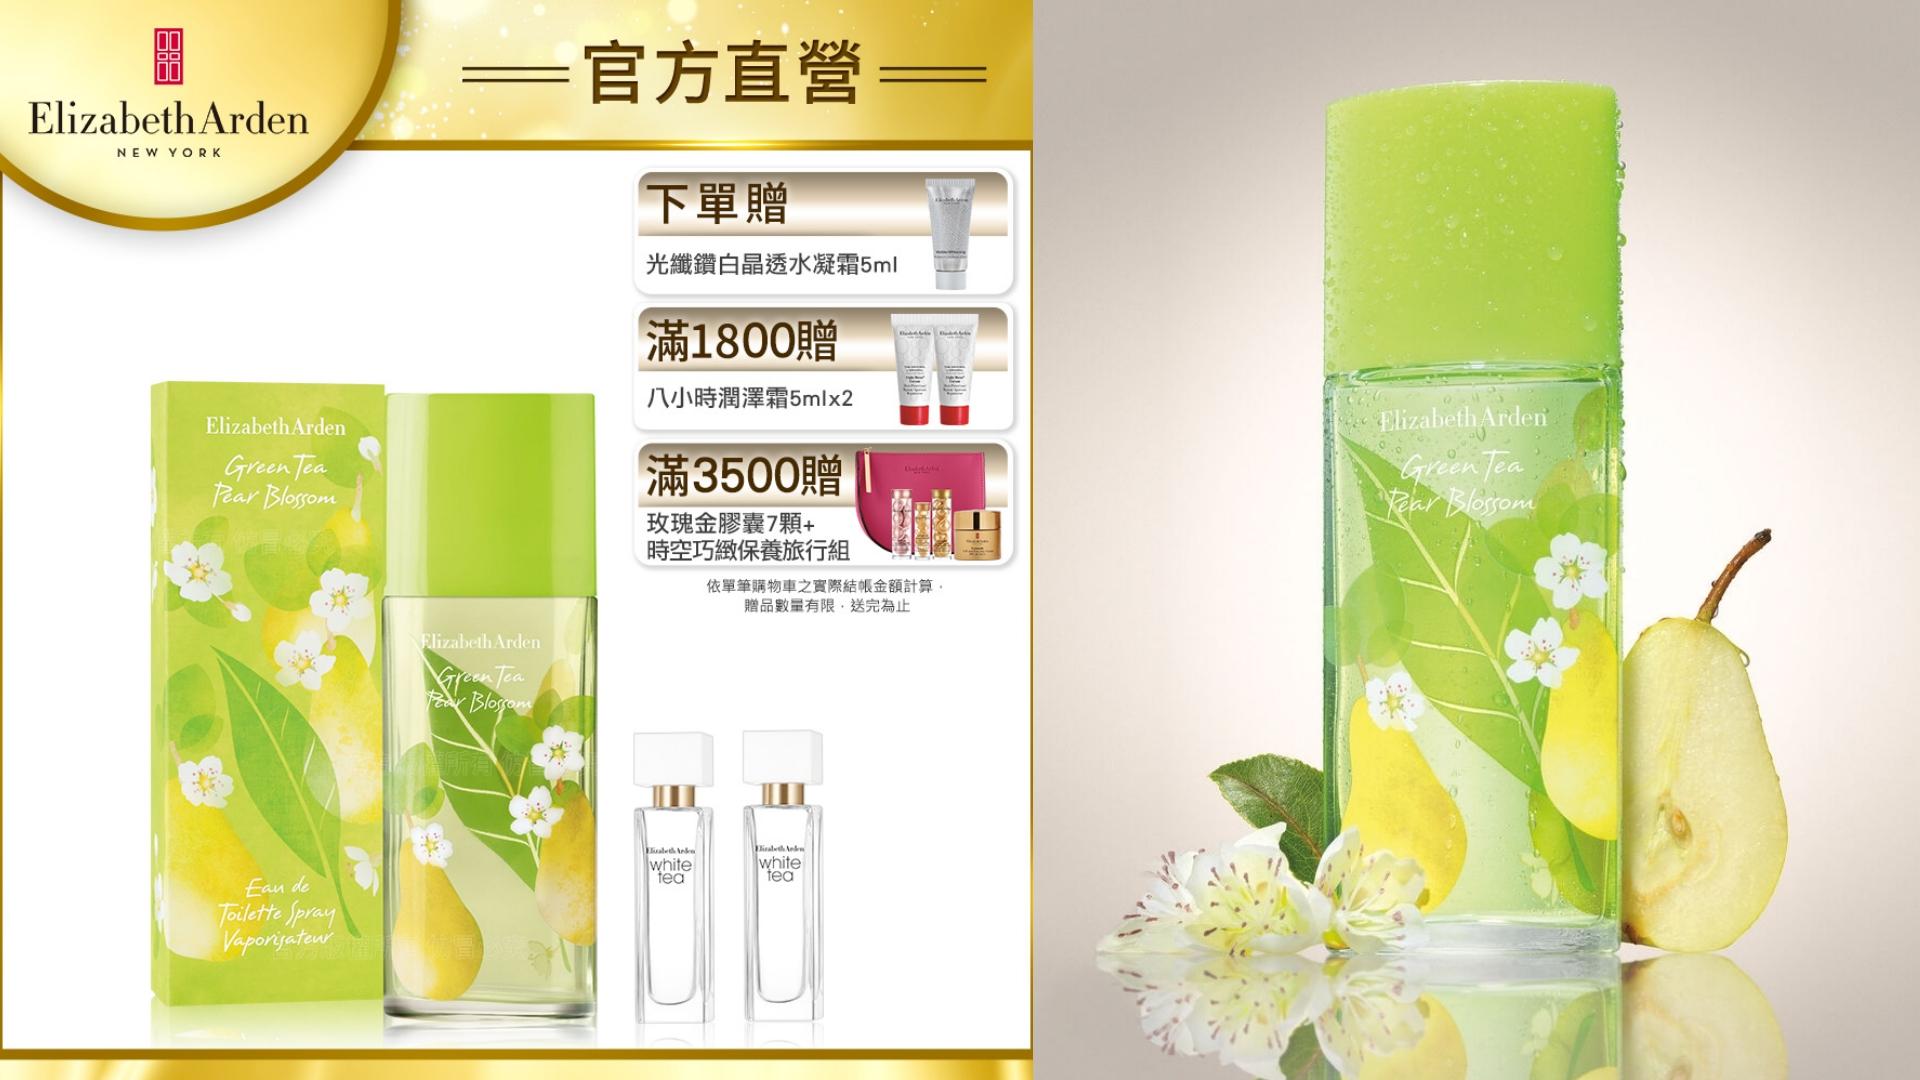 在綠茶經典的雋永幽香中,注入安茹梨的水果香氣,完美揉合綠茶香調,為初夏增添一抹清甜的細膩芬芳。